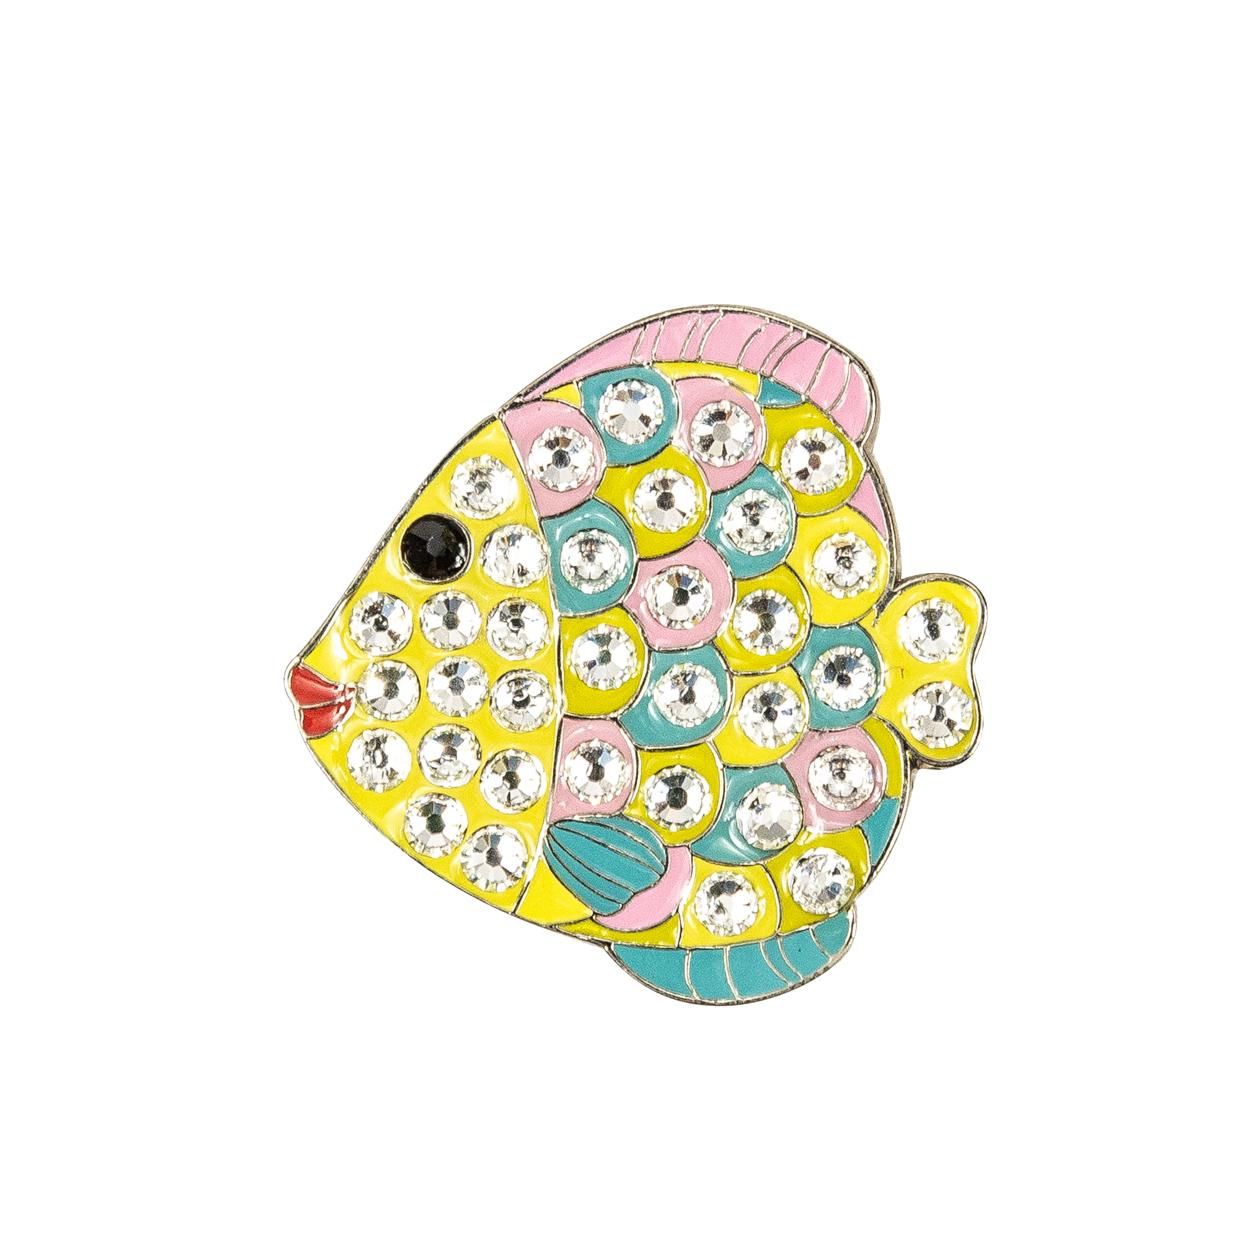 92. Fishy